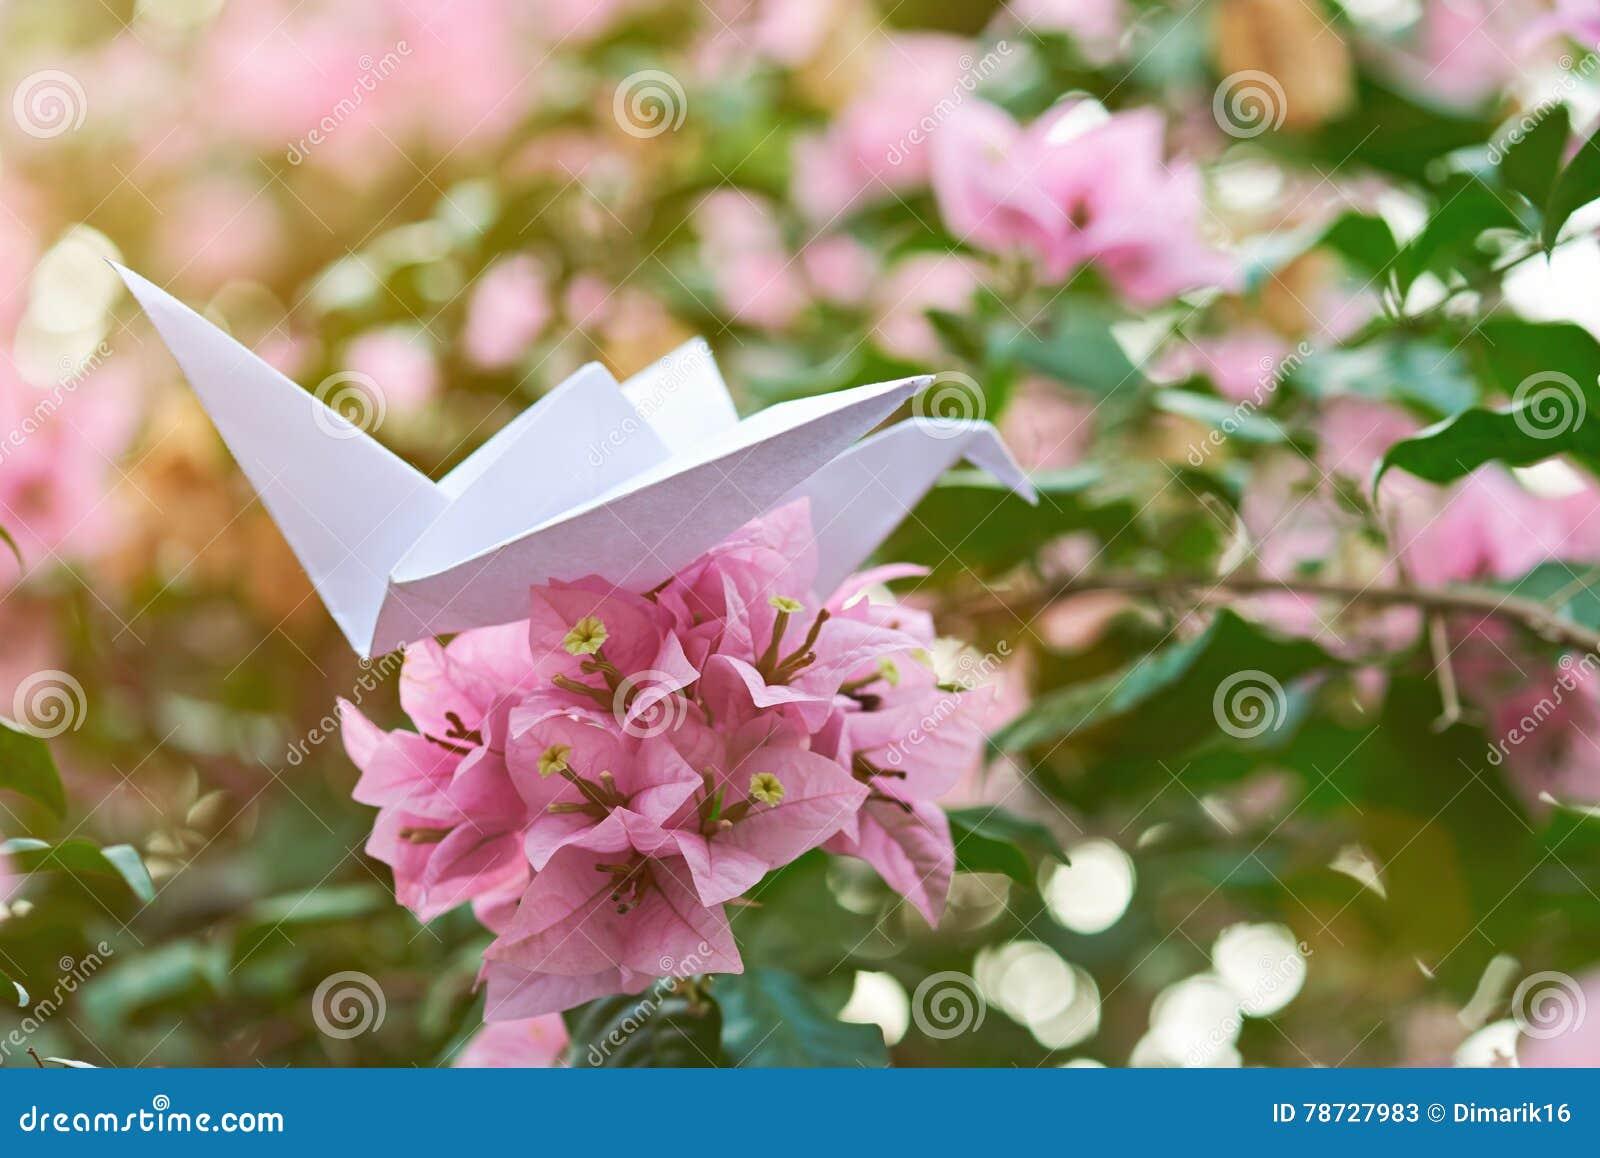 Pappers- svan på blomman